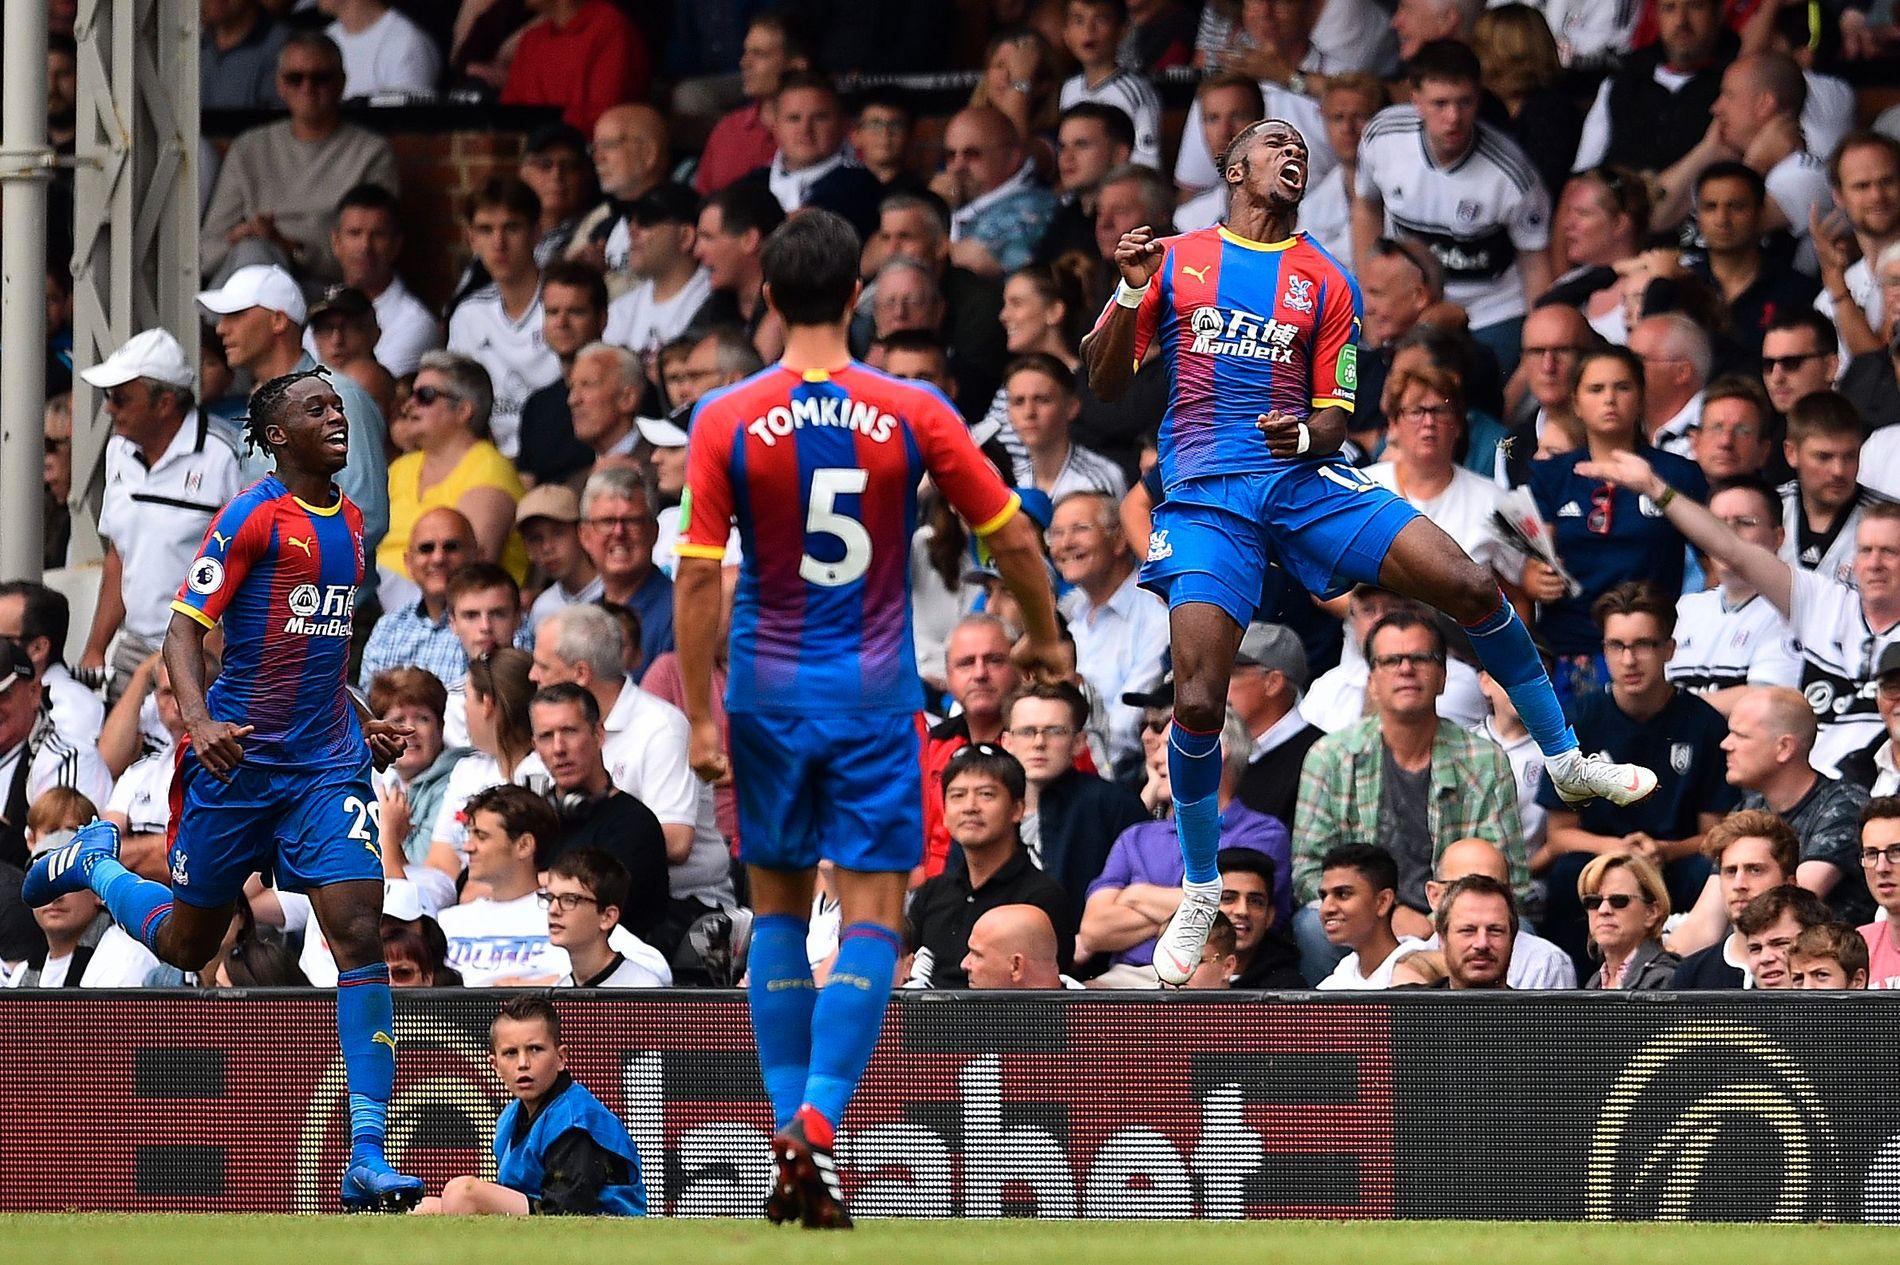 ØRNENE SVEVER: Wilfried Zaha hoppet høyt og jublet enda høyere etter å ha scoret Palace' andre for kampen.